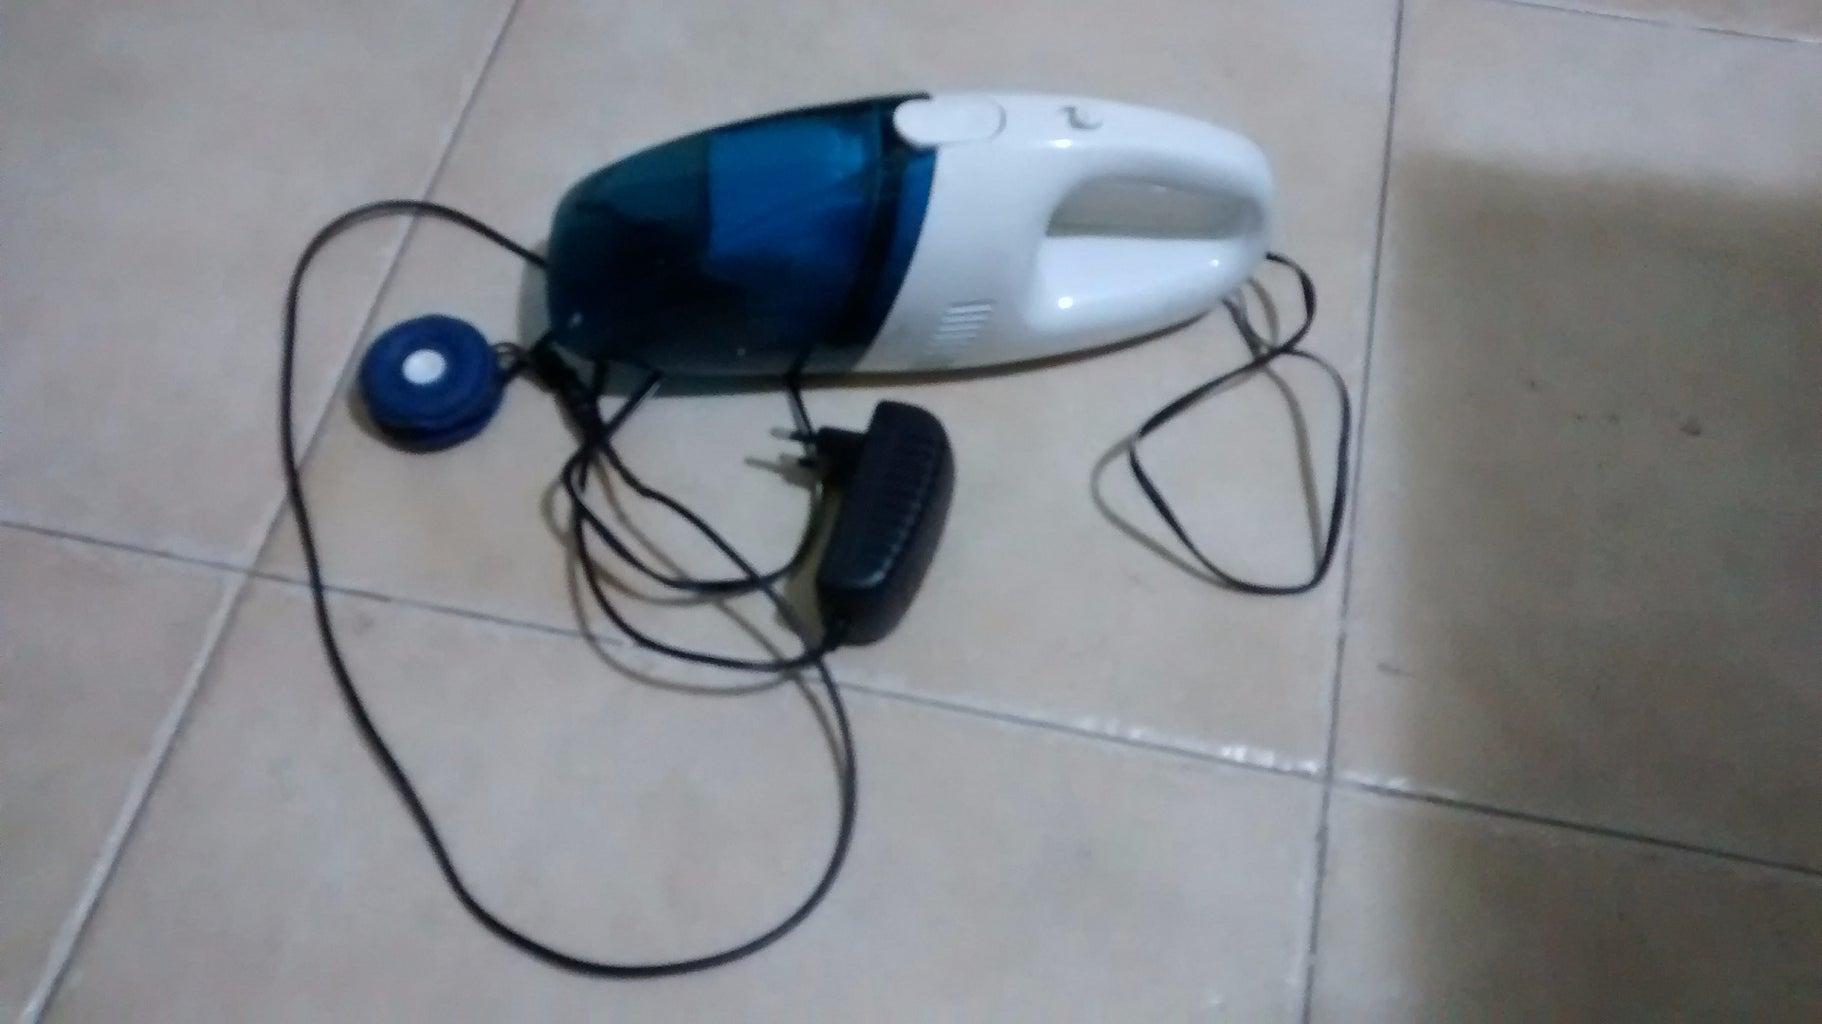 DIY Mini Vacuum Cleaner